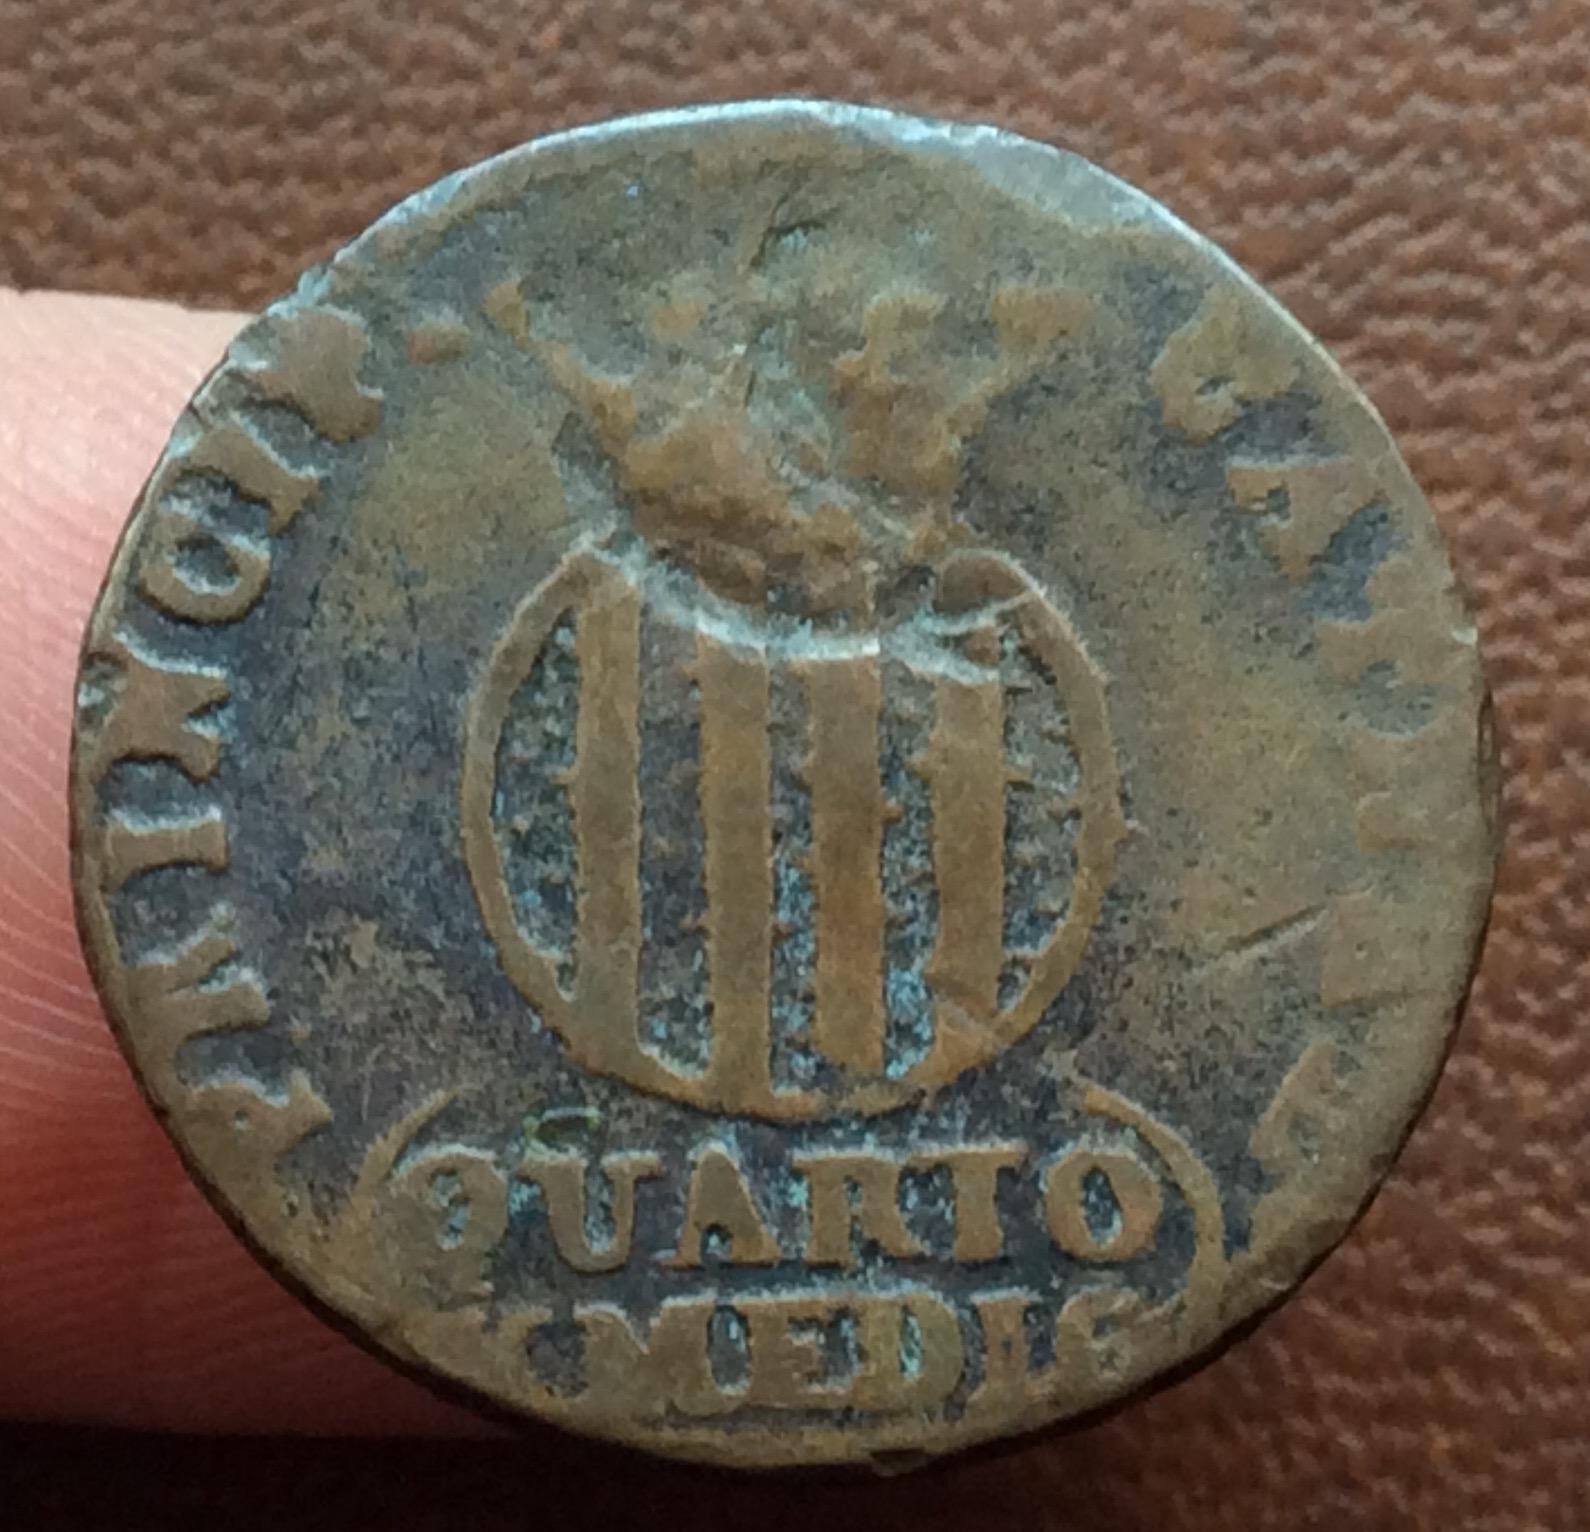 QUARTO Y MEDIO DE 1813 - FERNANDO VII - BARCELONA